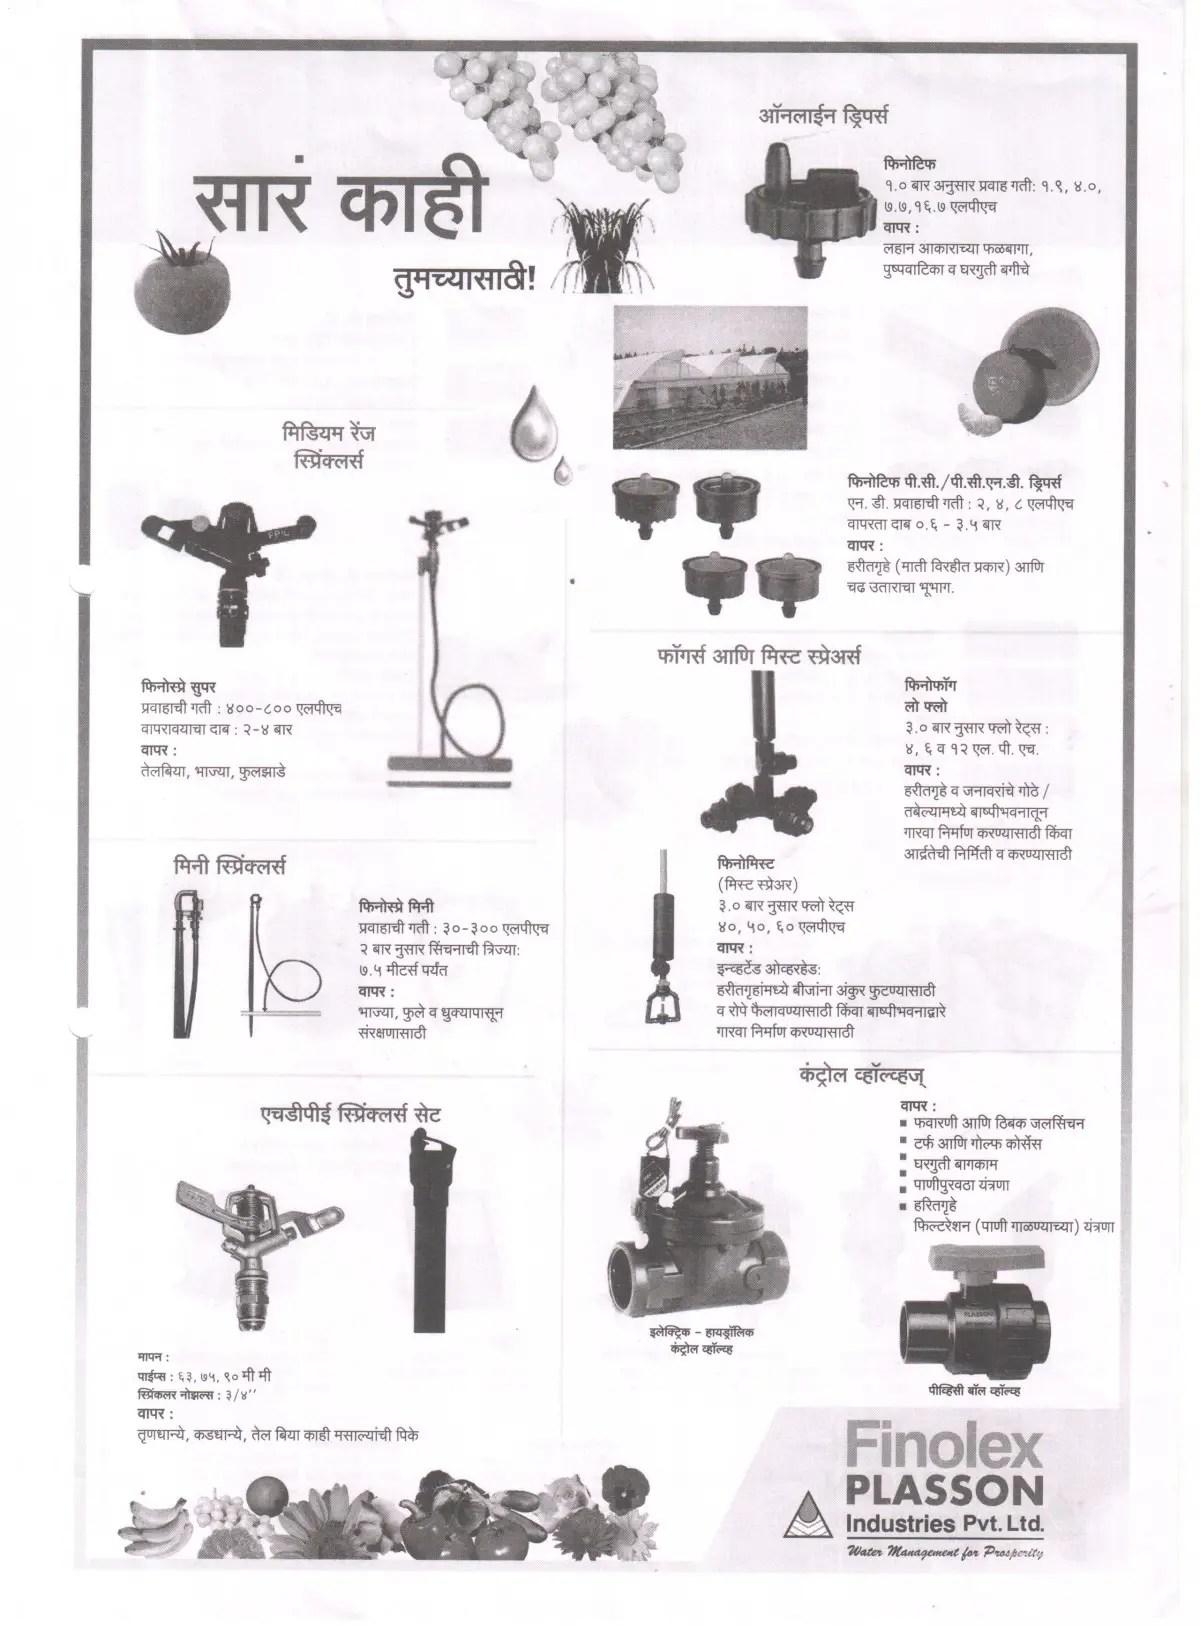 Finolex Plasson Industries Pvt Ltd